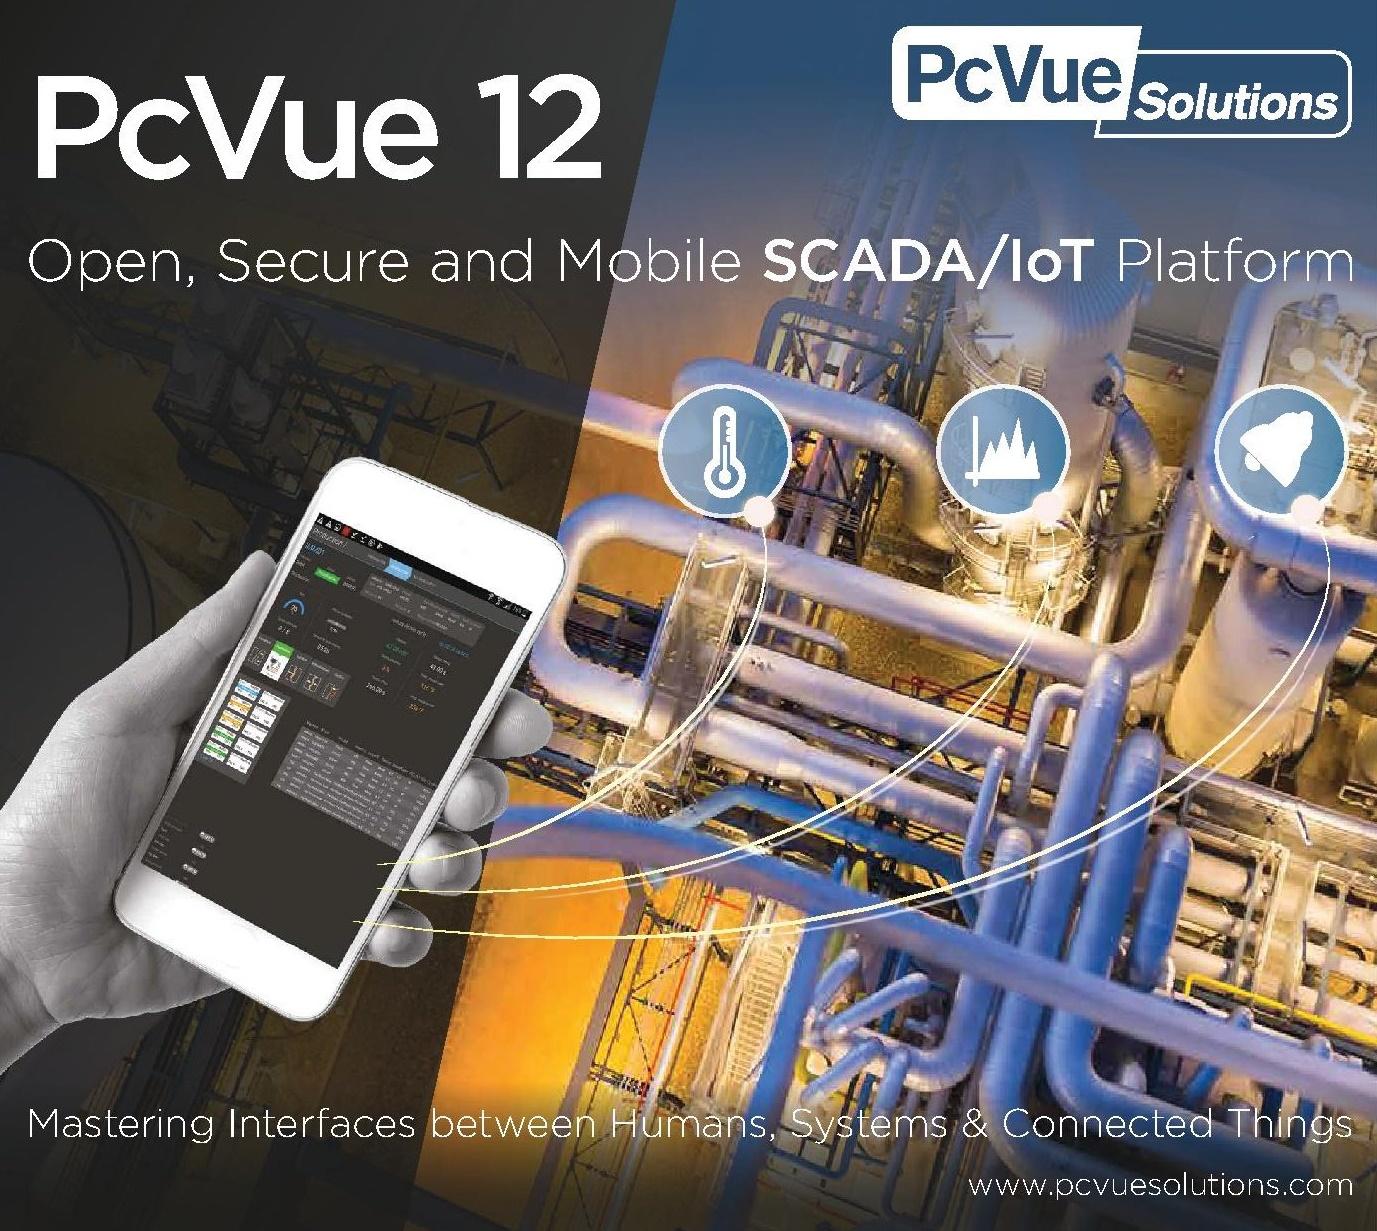 PcVue 12: ARC Informatique va más allá con su nueva versión de SCADA